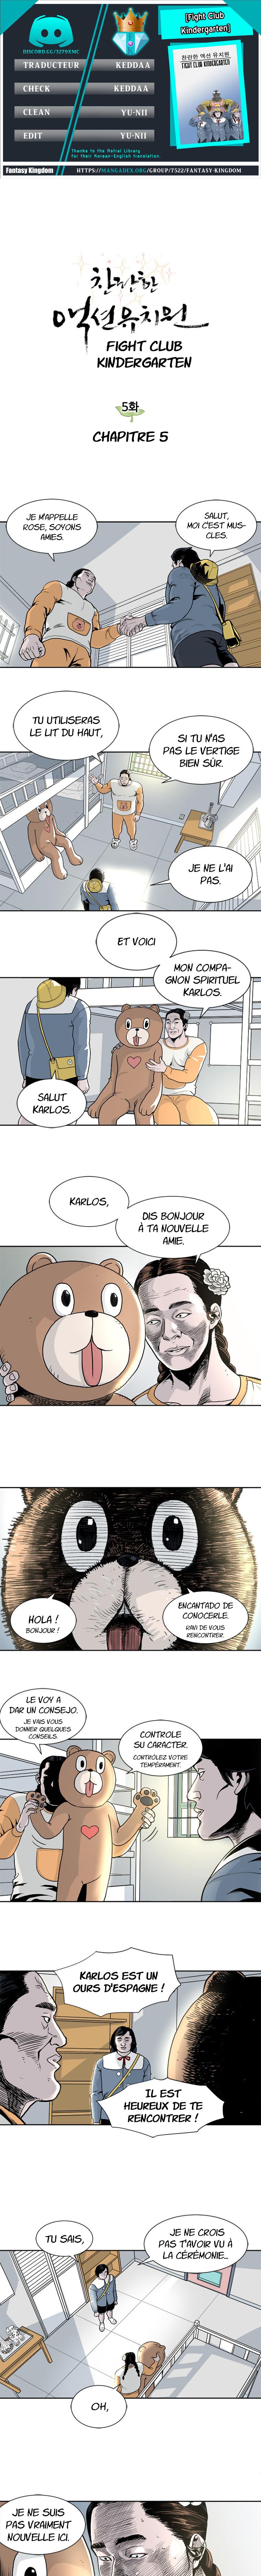 https://nine.mangadogs.com/fr_manga/pic2/28/11740/559349/d2fd2442ea1065e9f10ef41766dbd0ec.jpg Page 1